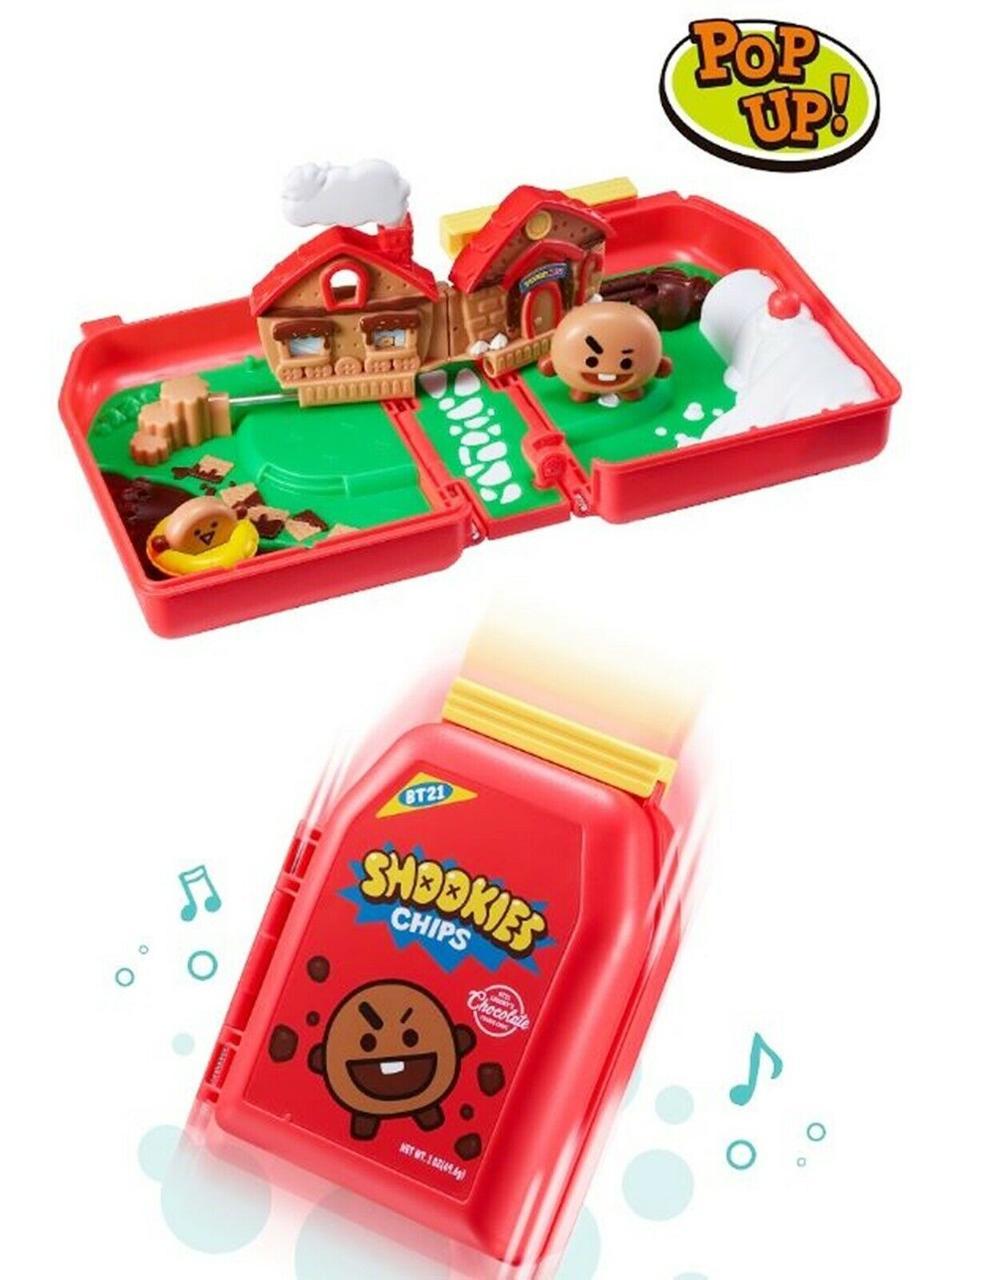 BT21 Shooky интерактивная игрушка